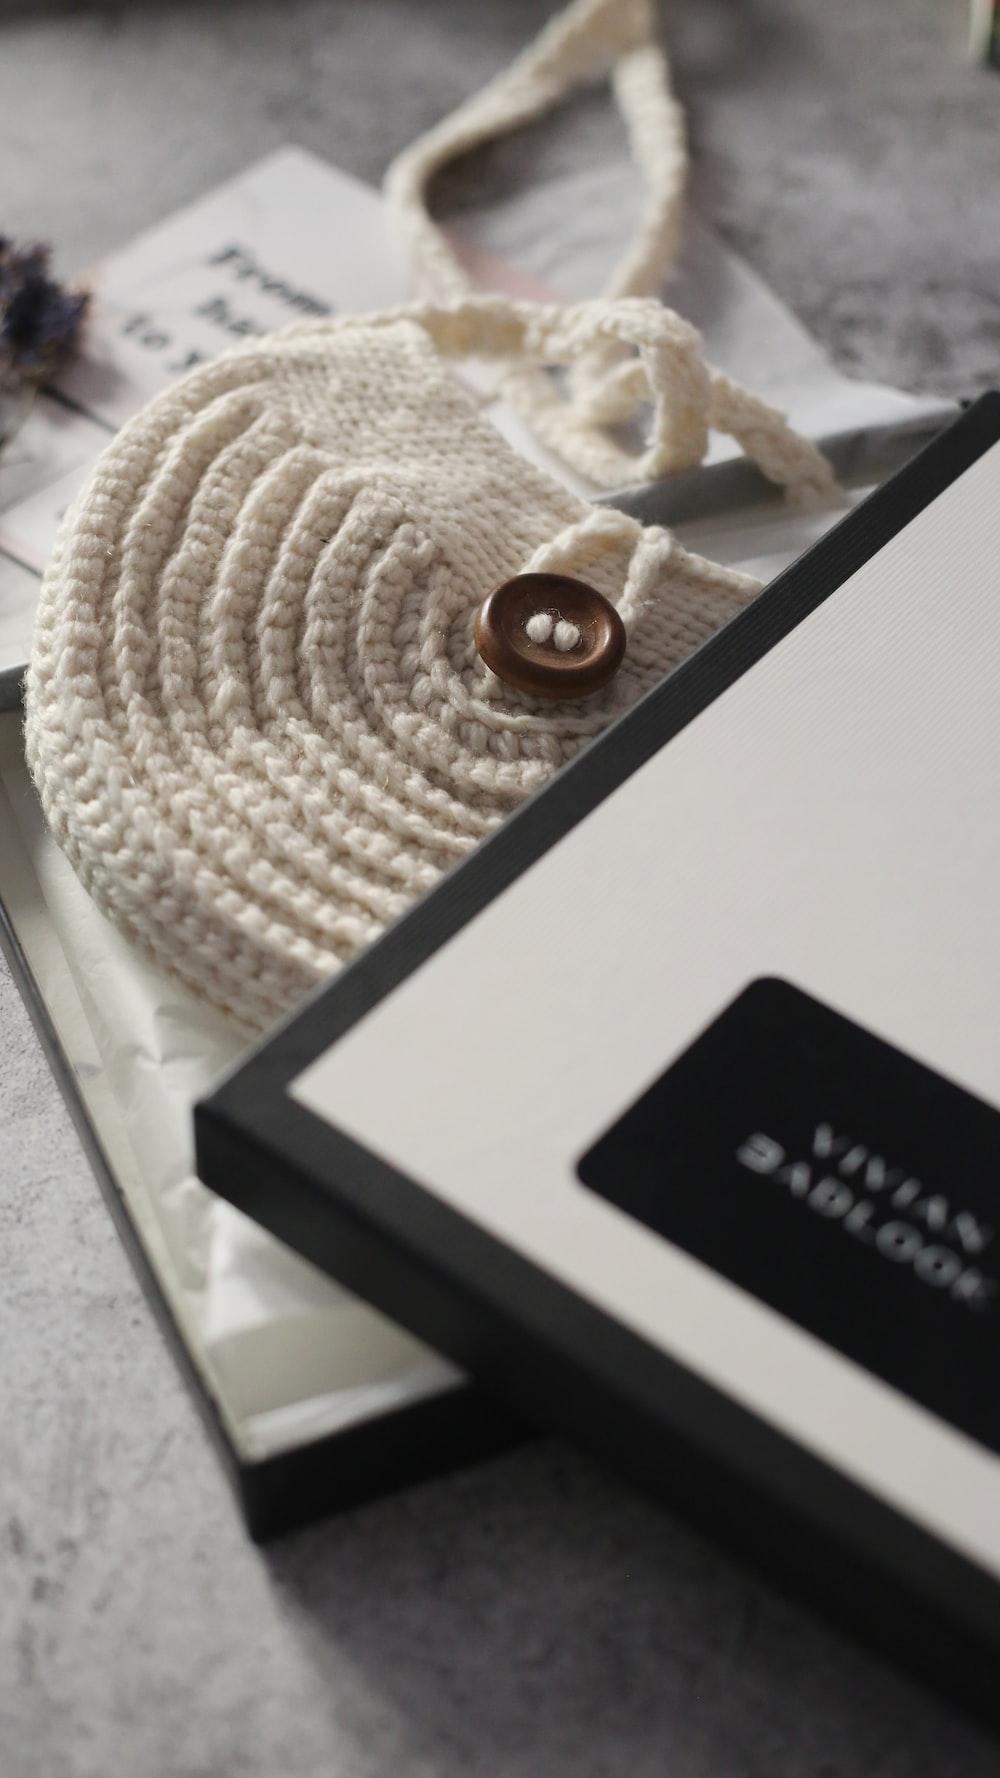 white and black box on white textile